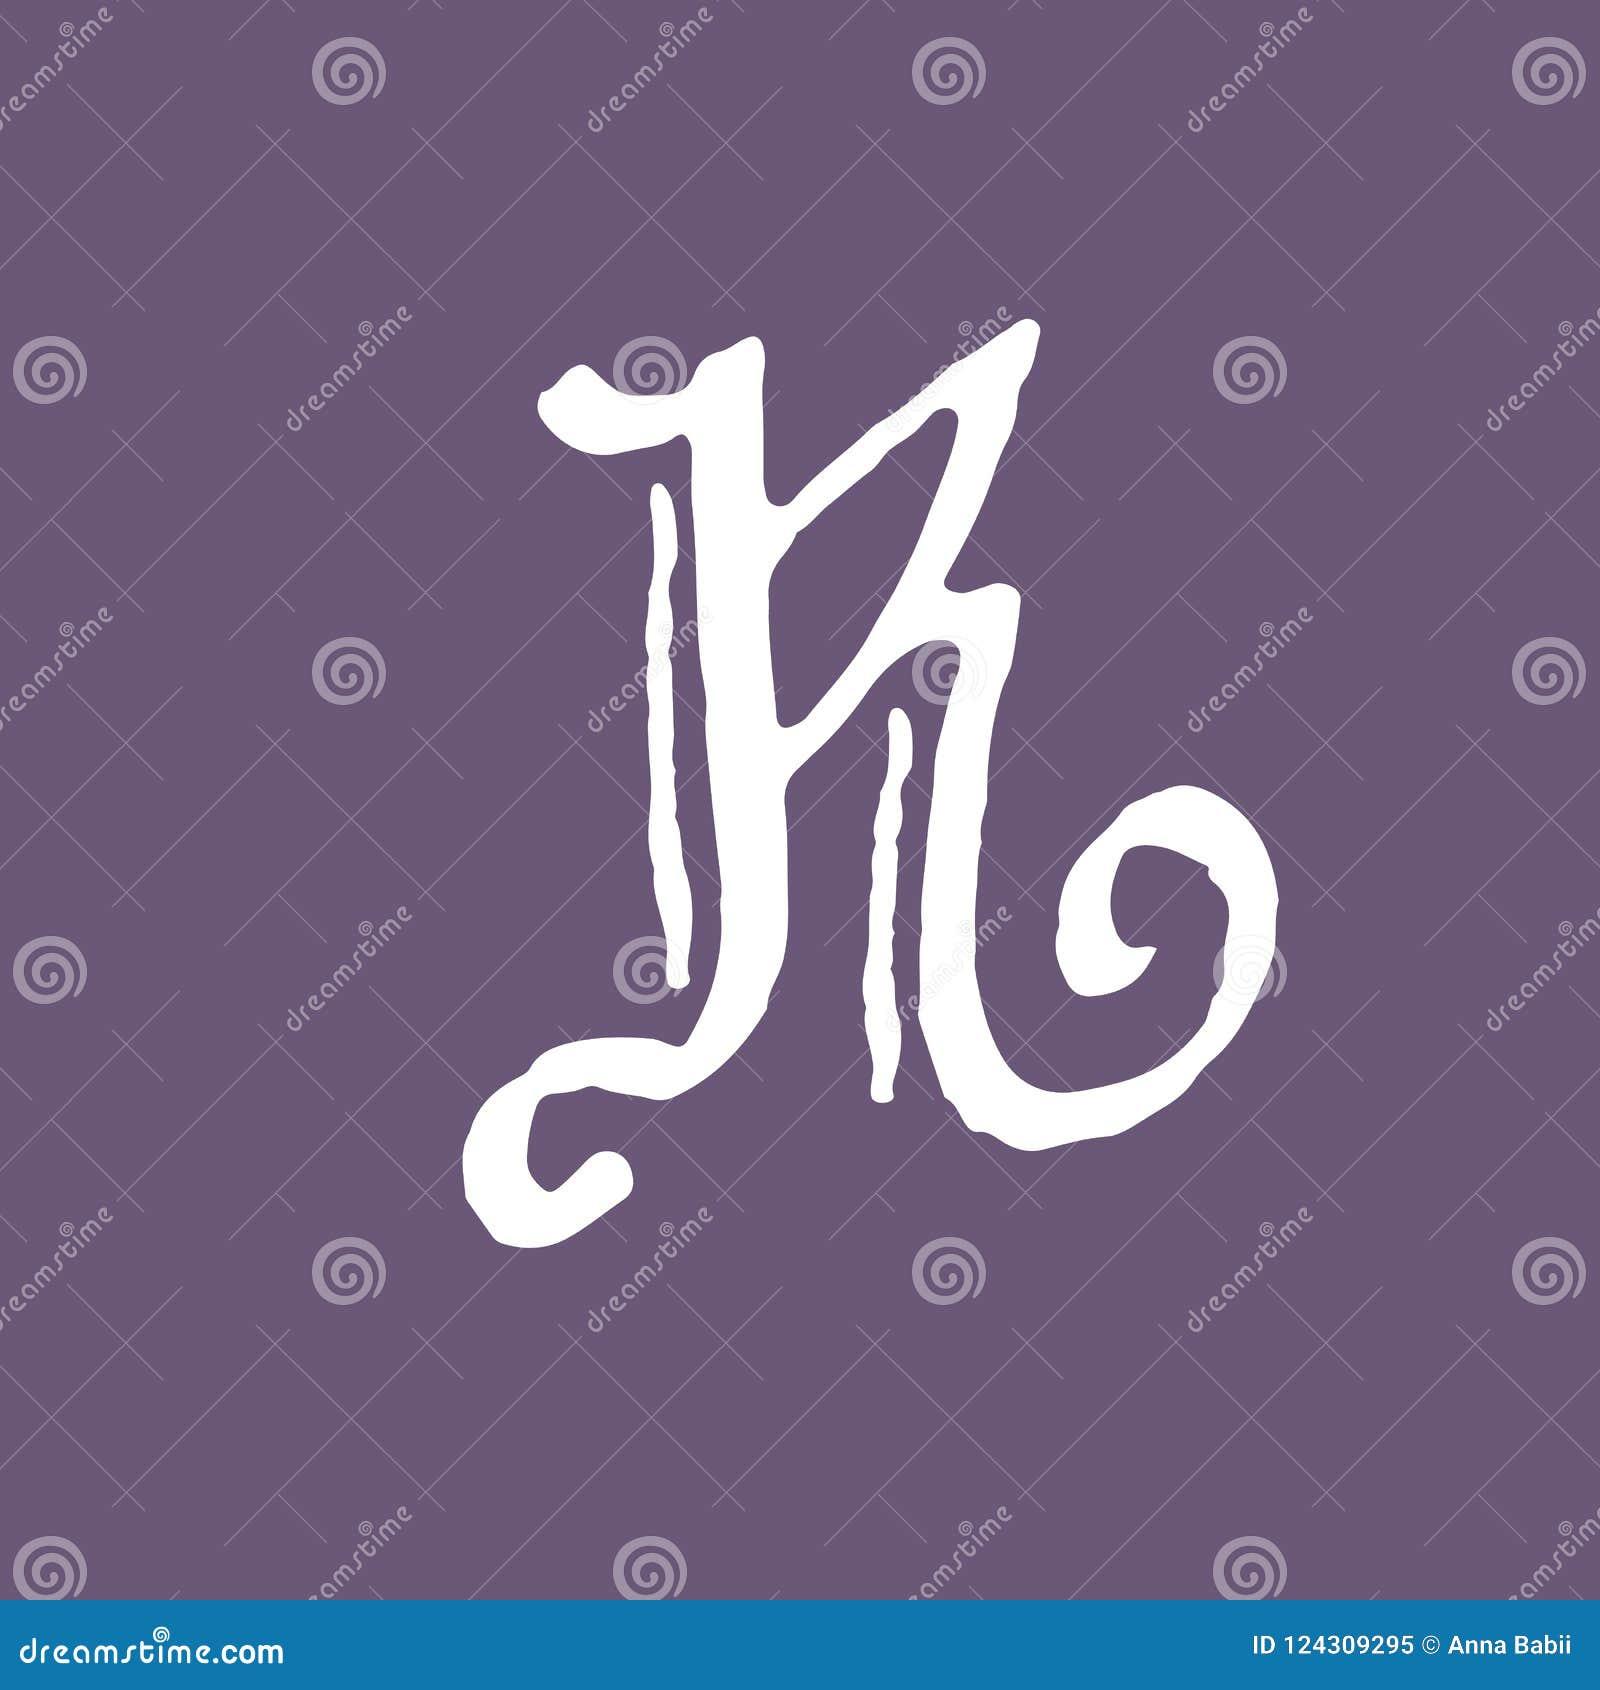 Letter R Vintage Grunge Font Gothic Style Letter Vector